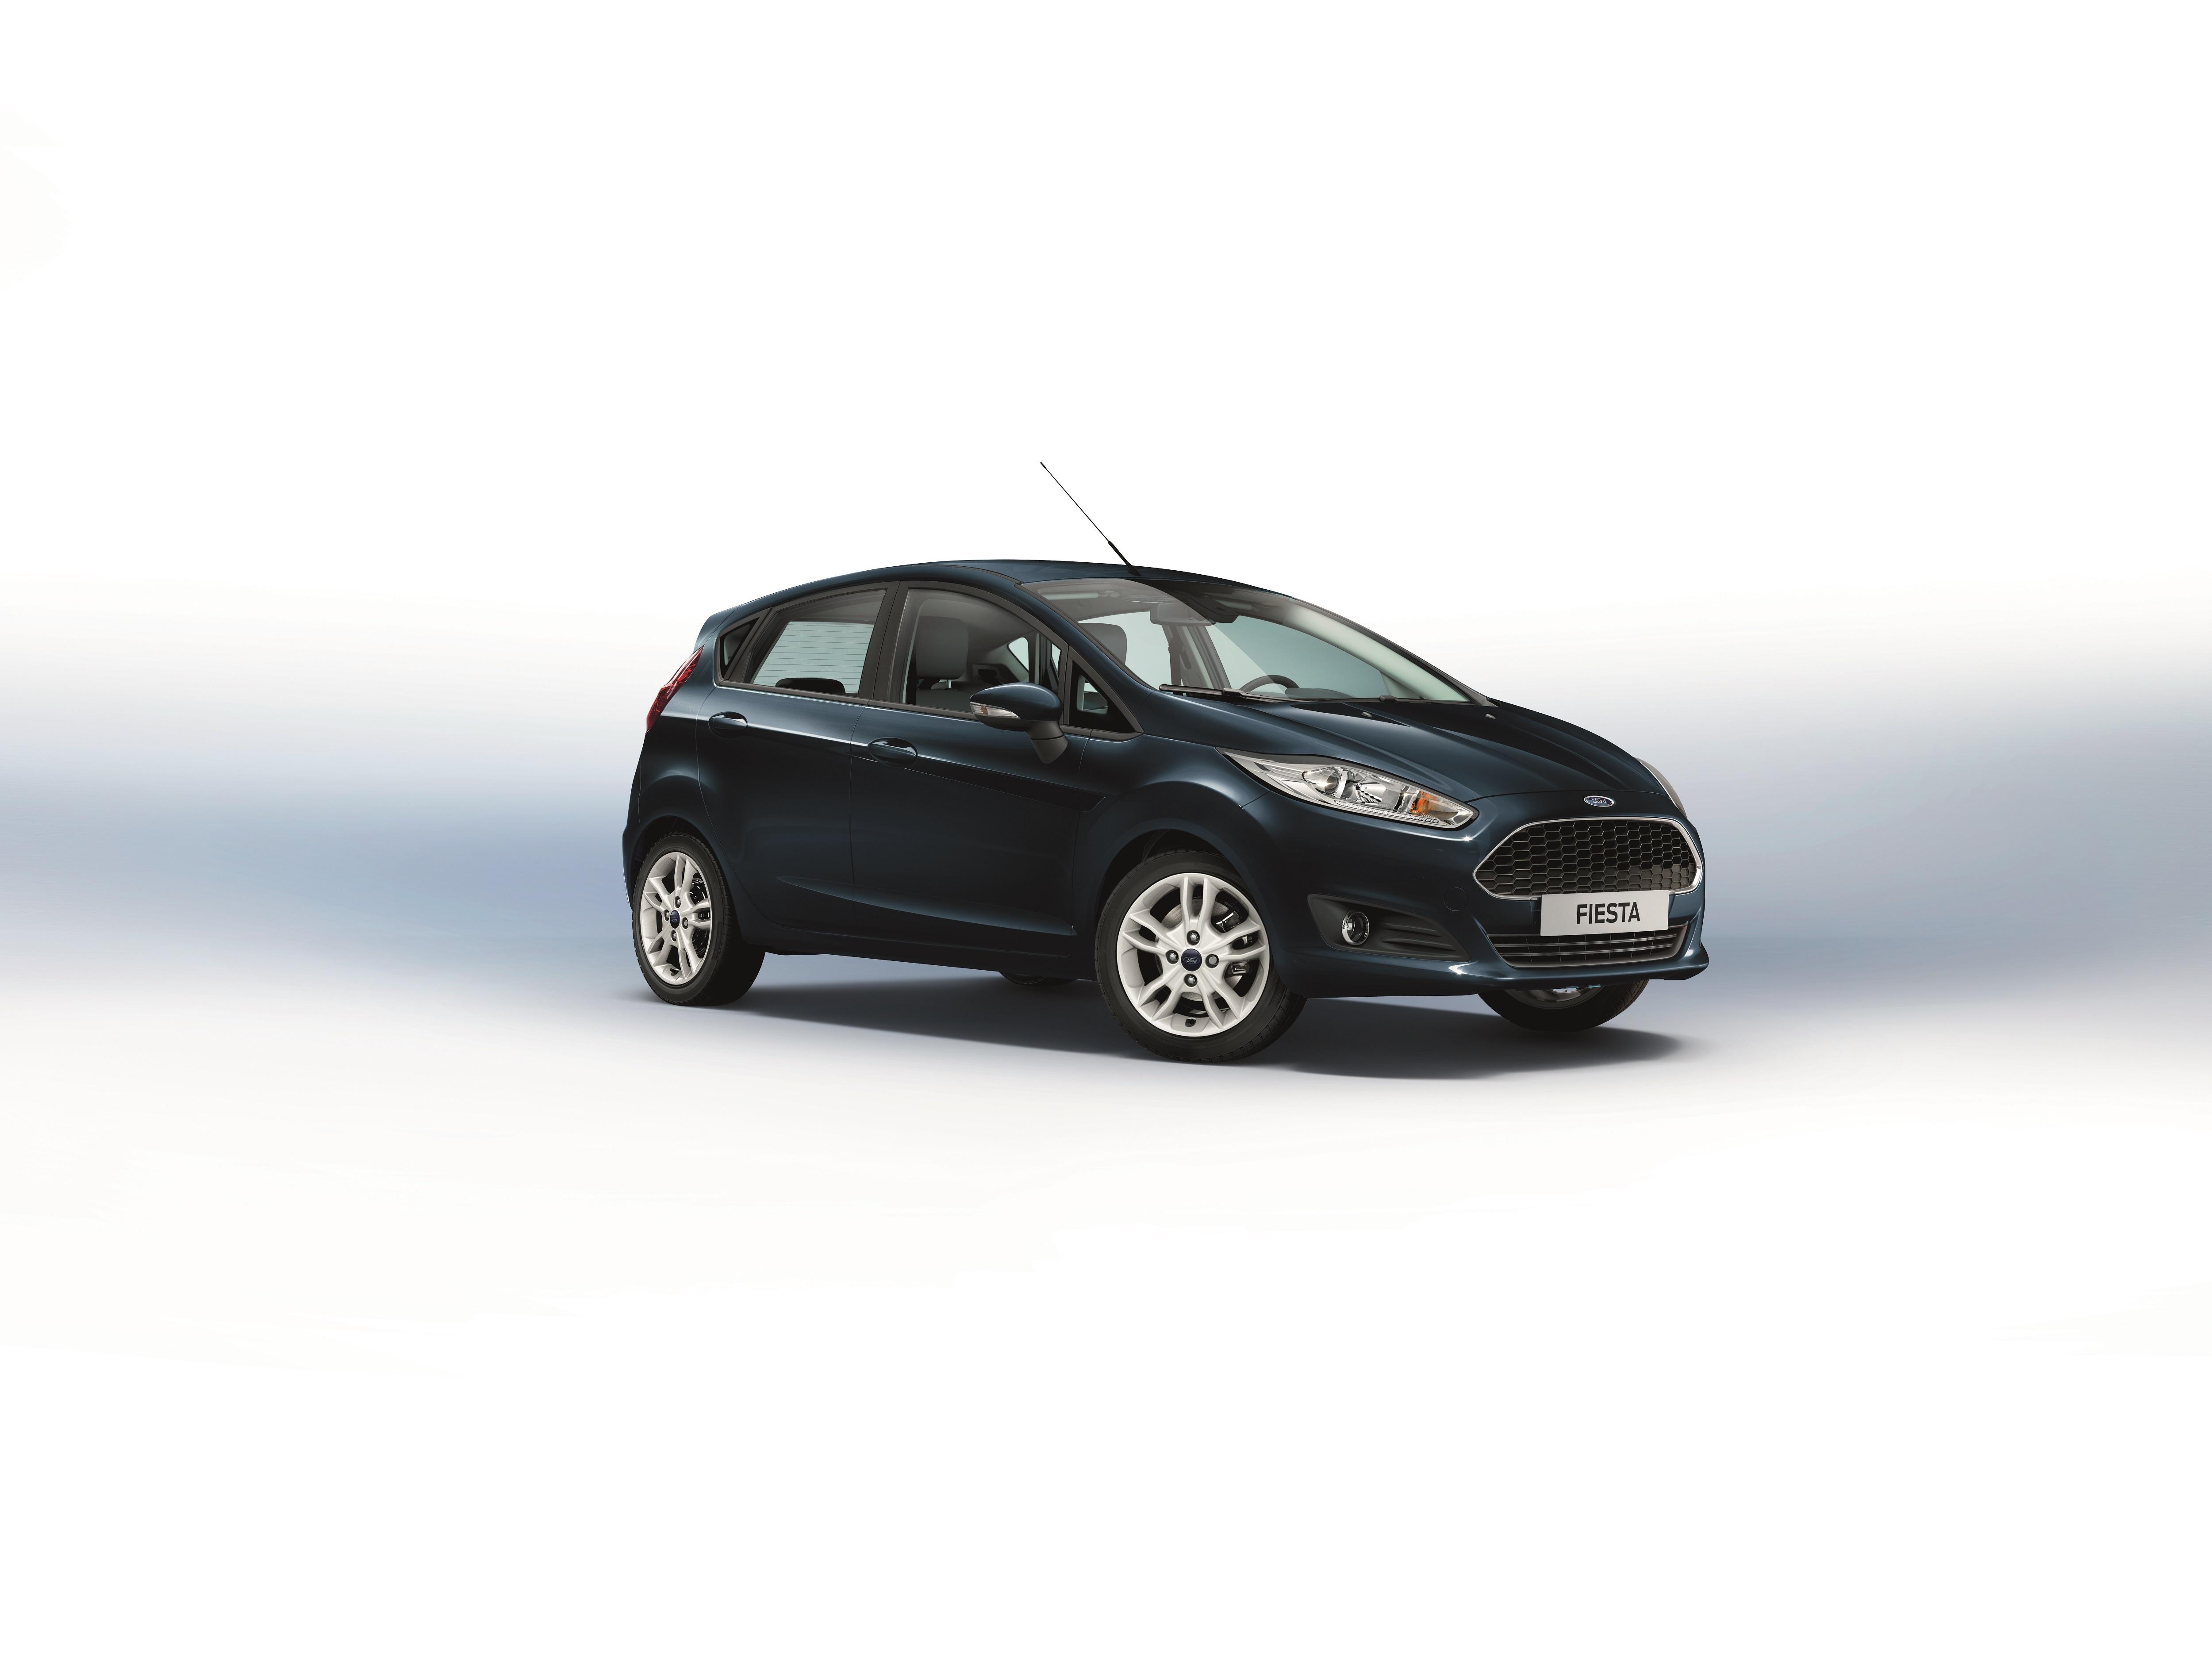 Ford Feiert 40 Jahre Fiesta Zahlreiche Neuerungen Editionsmodell Celebration Und ST200